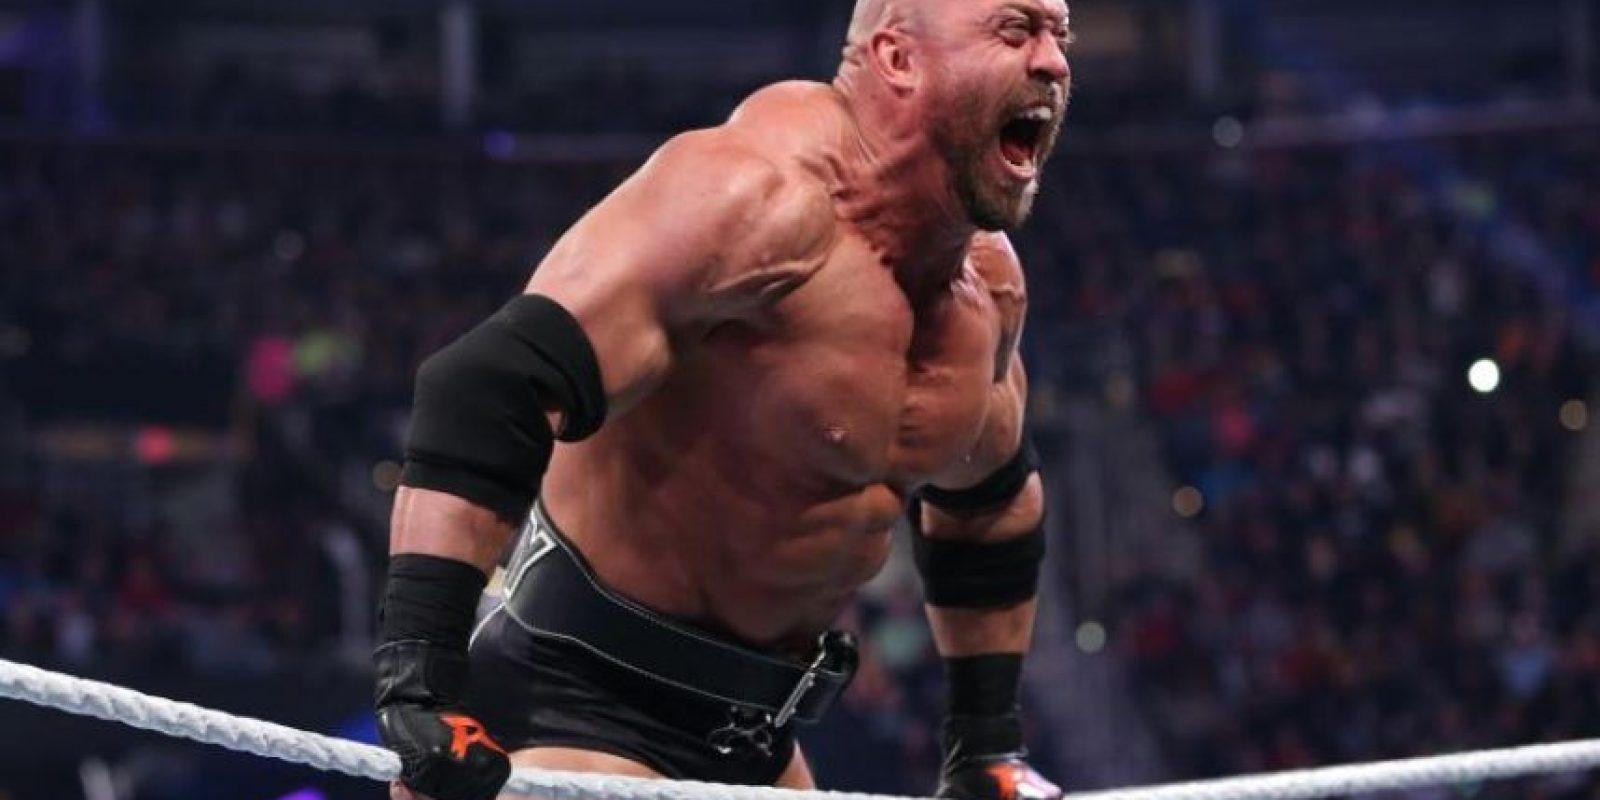 Forma parte de WWE desde 2008 Foto:WWE